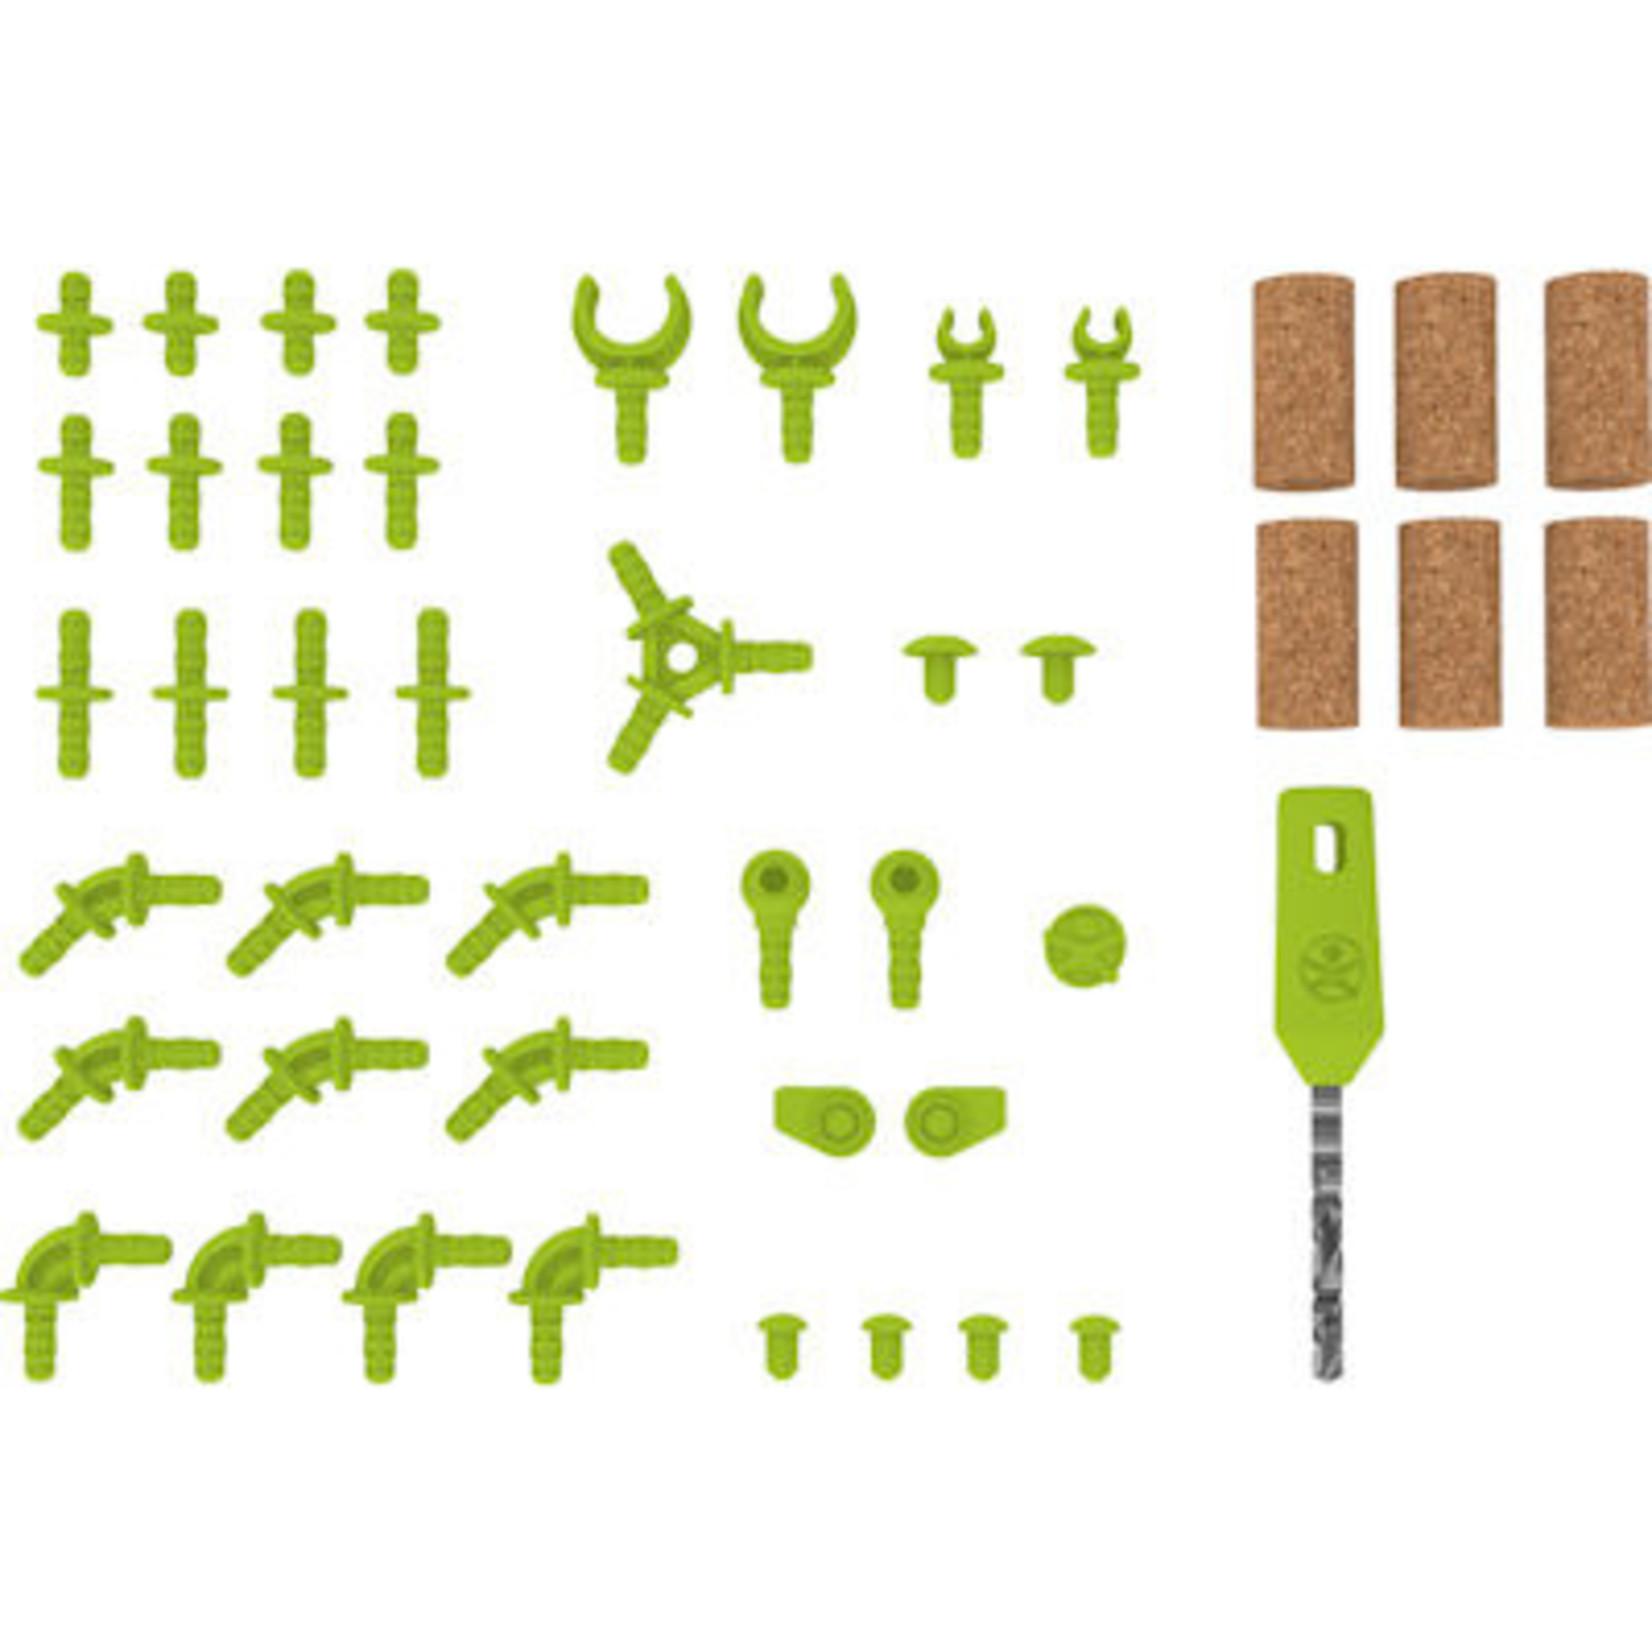 Haba Terra Kids - Connectors - Constructie dieren